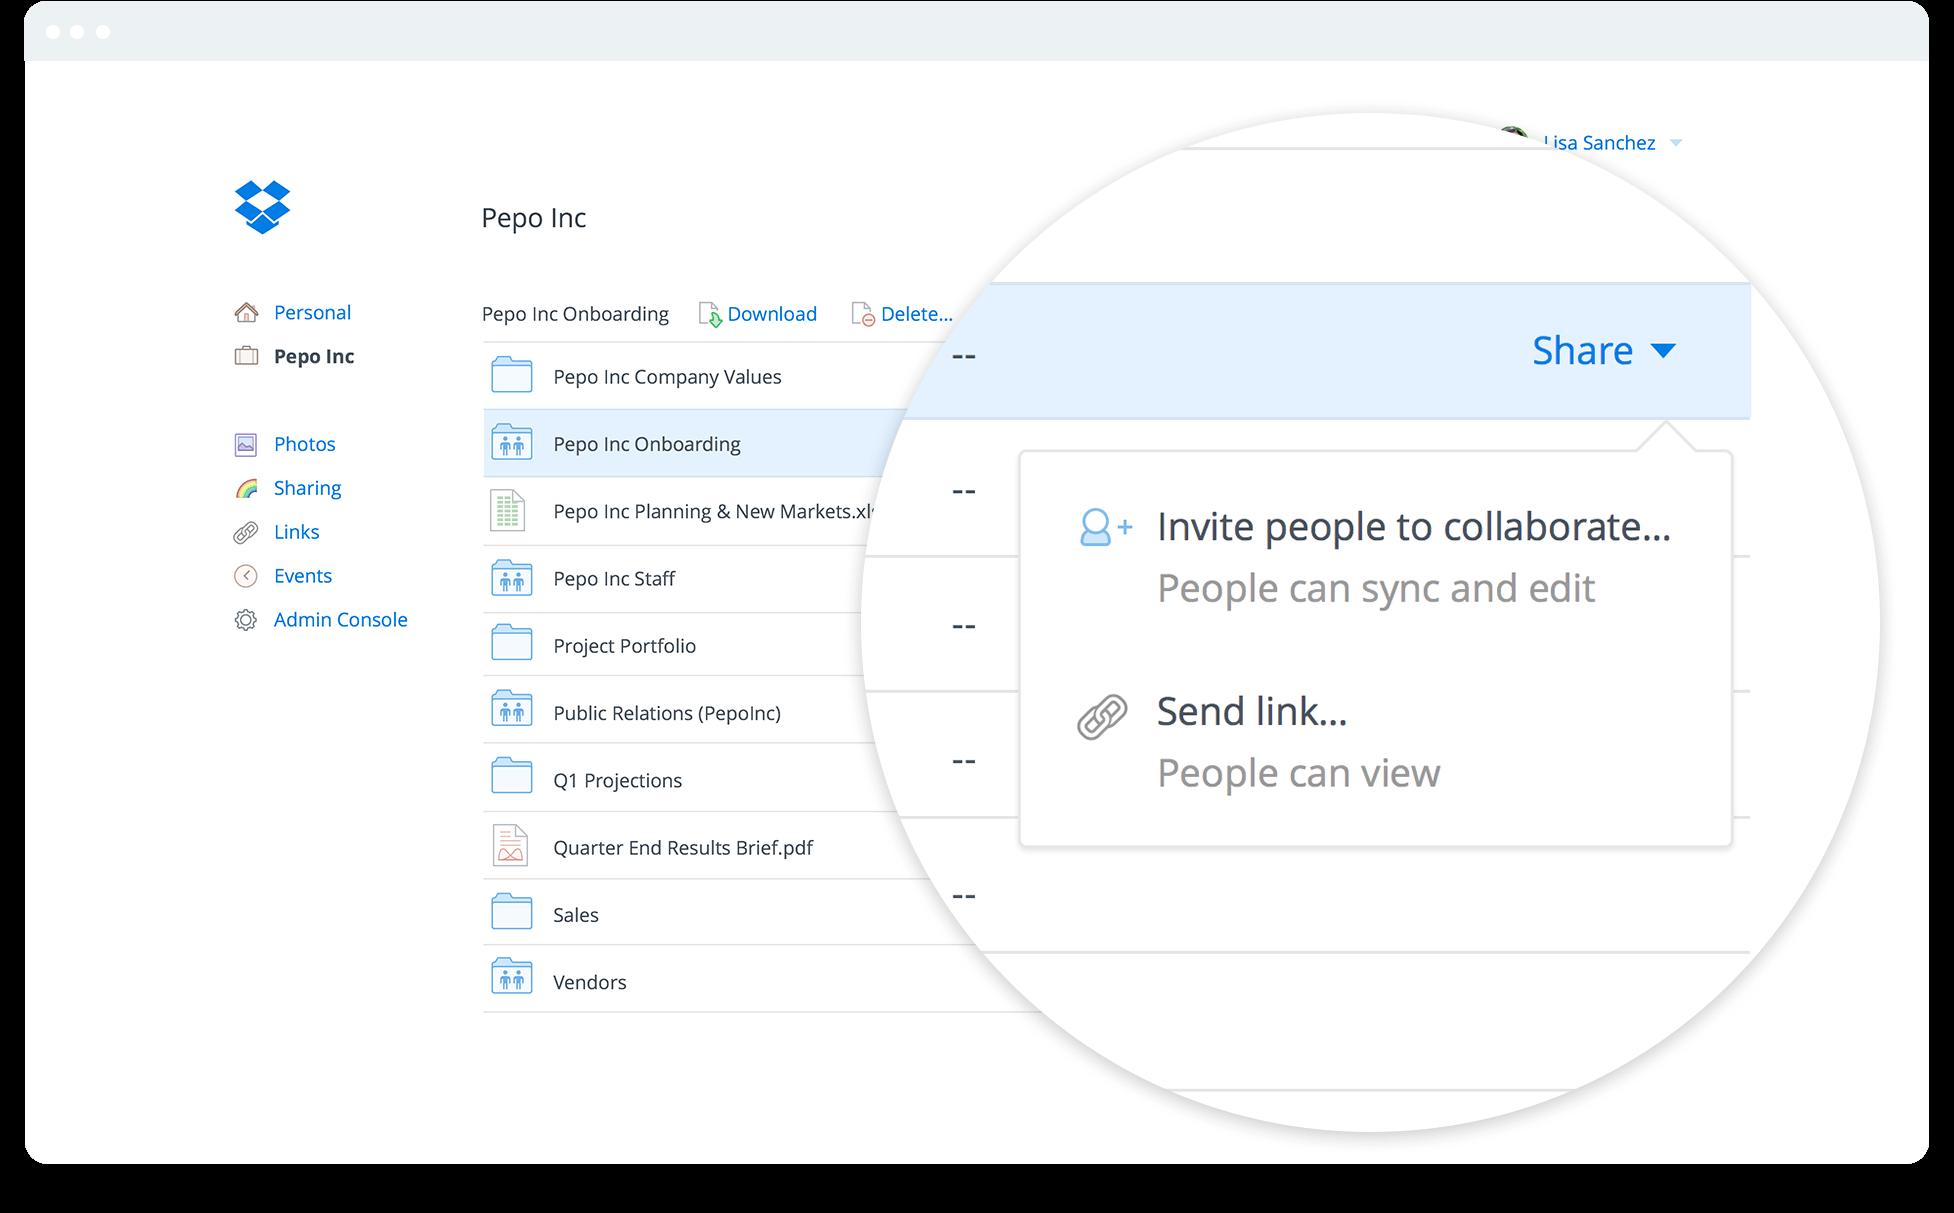 hscm - marketing tools post - dropbox .png